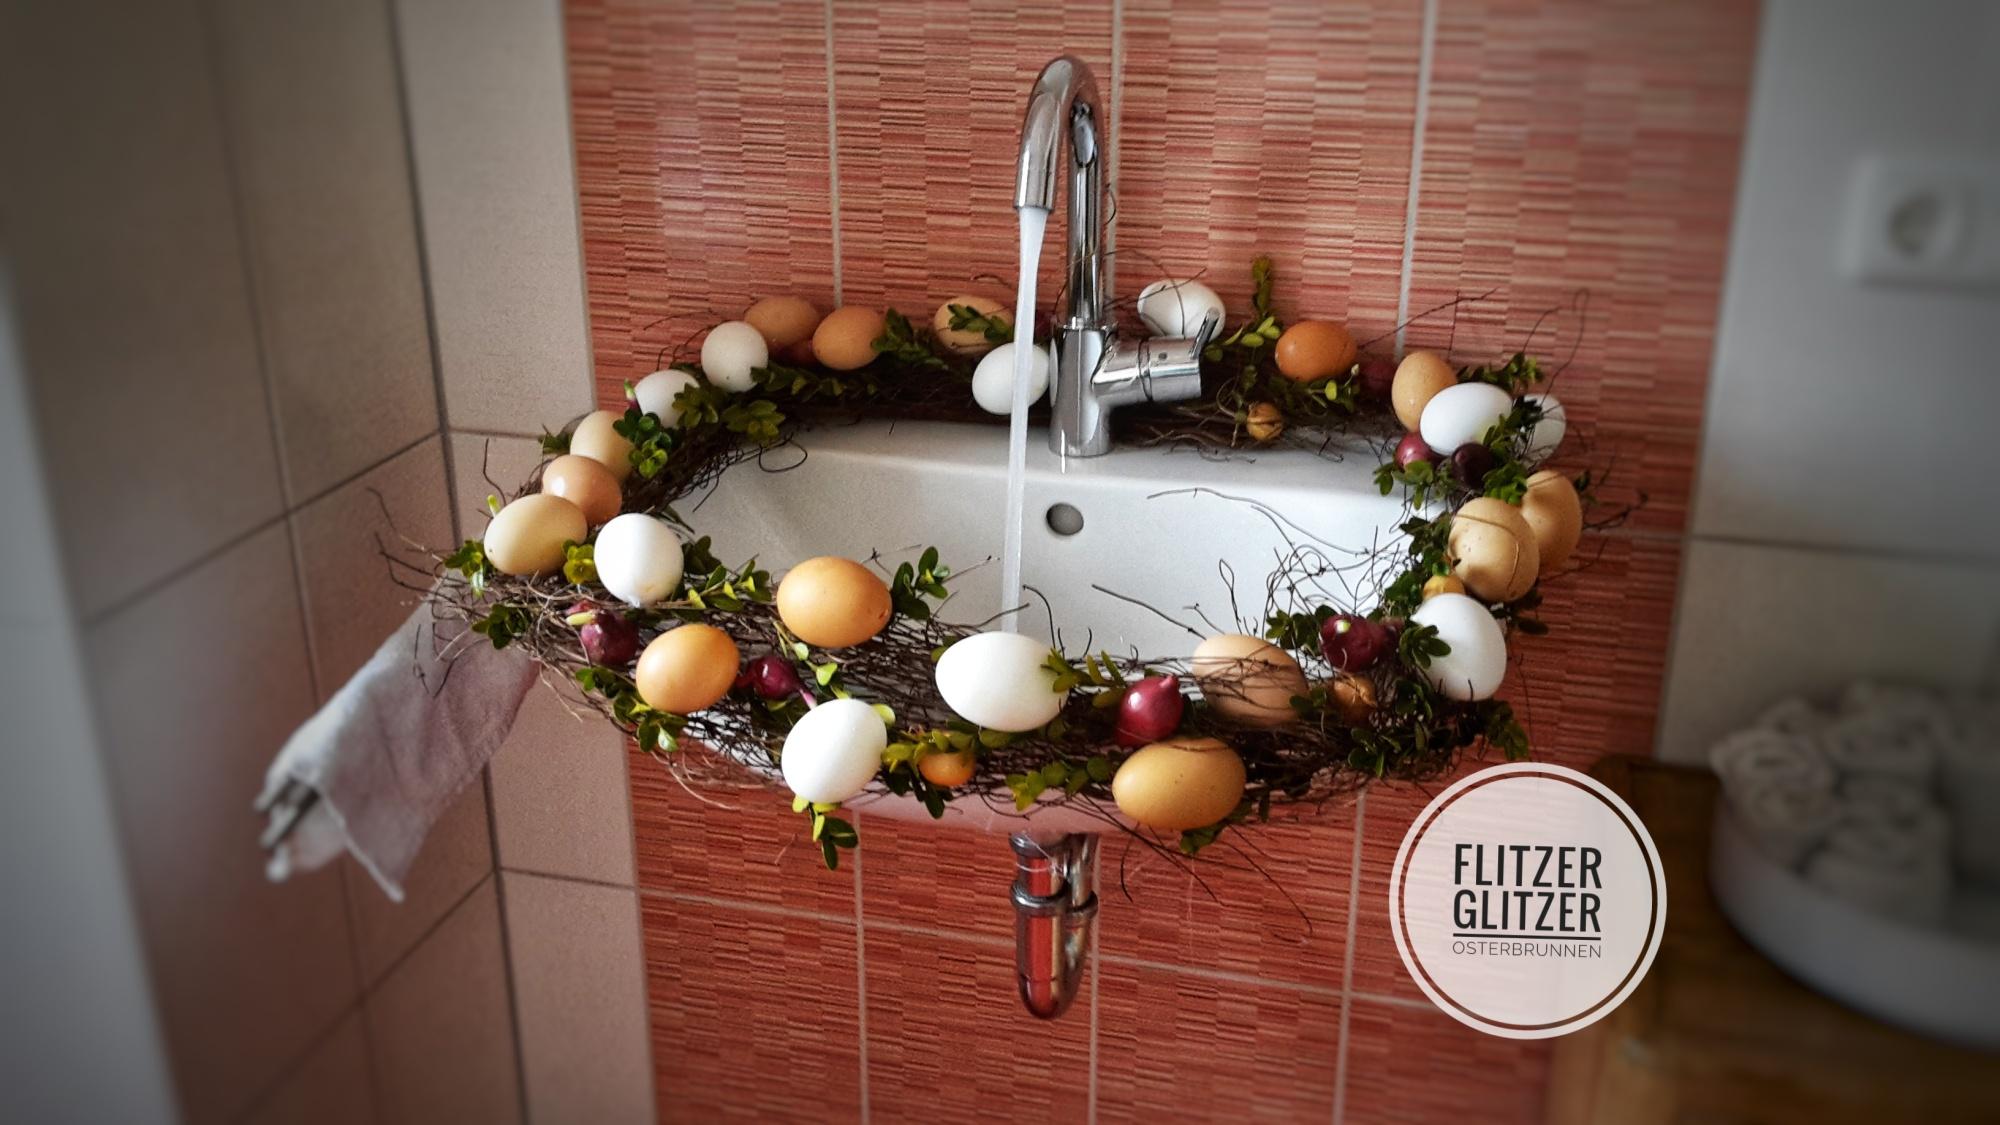 Gezeigt wird ein weißes Waschbecken mit laufendem Wasserhahn. Geschmückt ist es ringsum mit einem Kranz aus Naturmaterialien und ausgeblasenen Eiern in verschiedenen naturbelassenen Farbtönen.